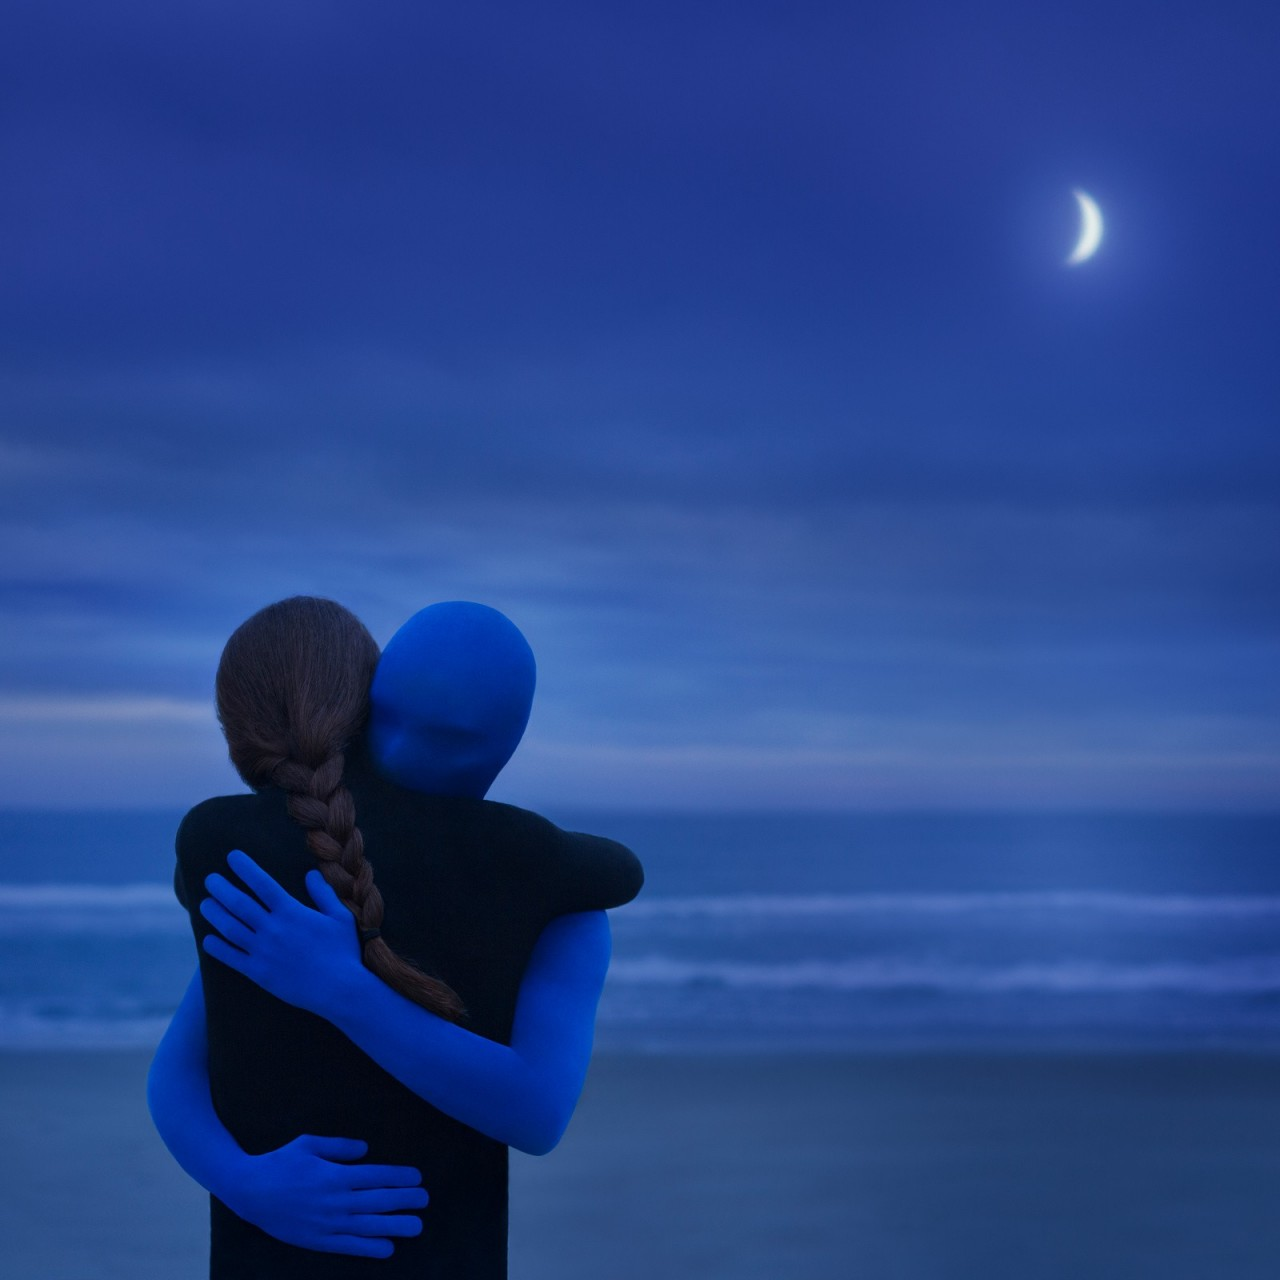 «Голубая Луна». Автор Габриэль Исак